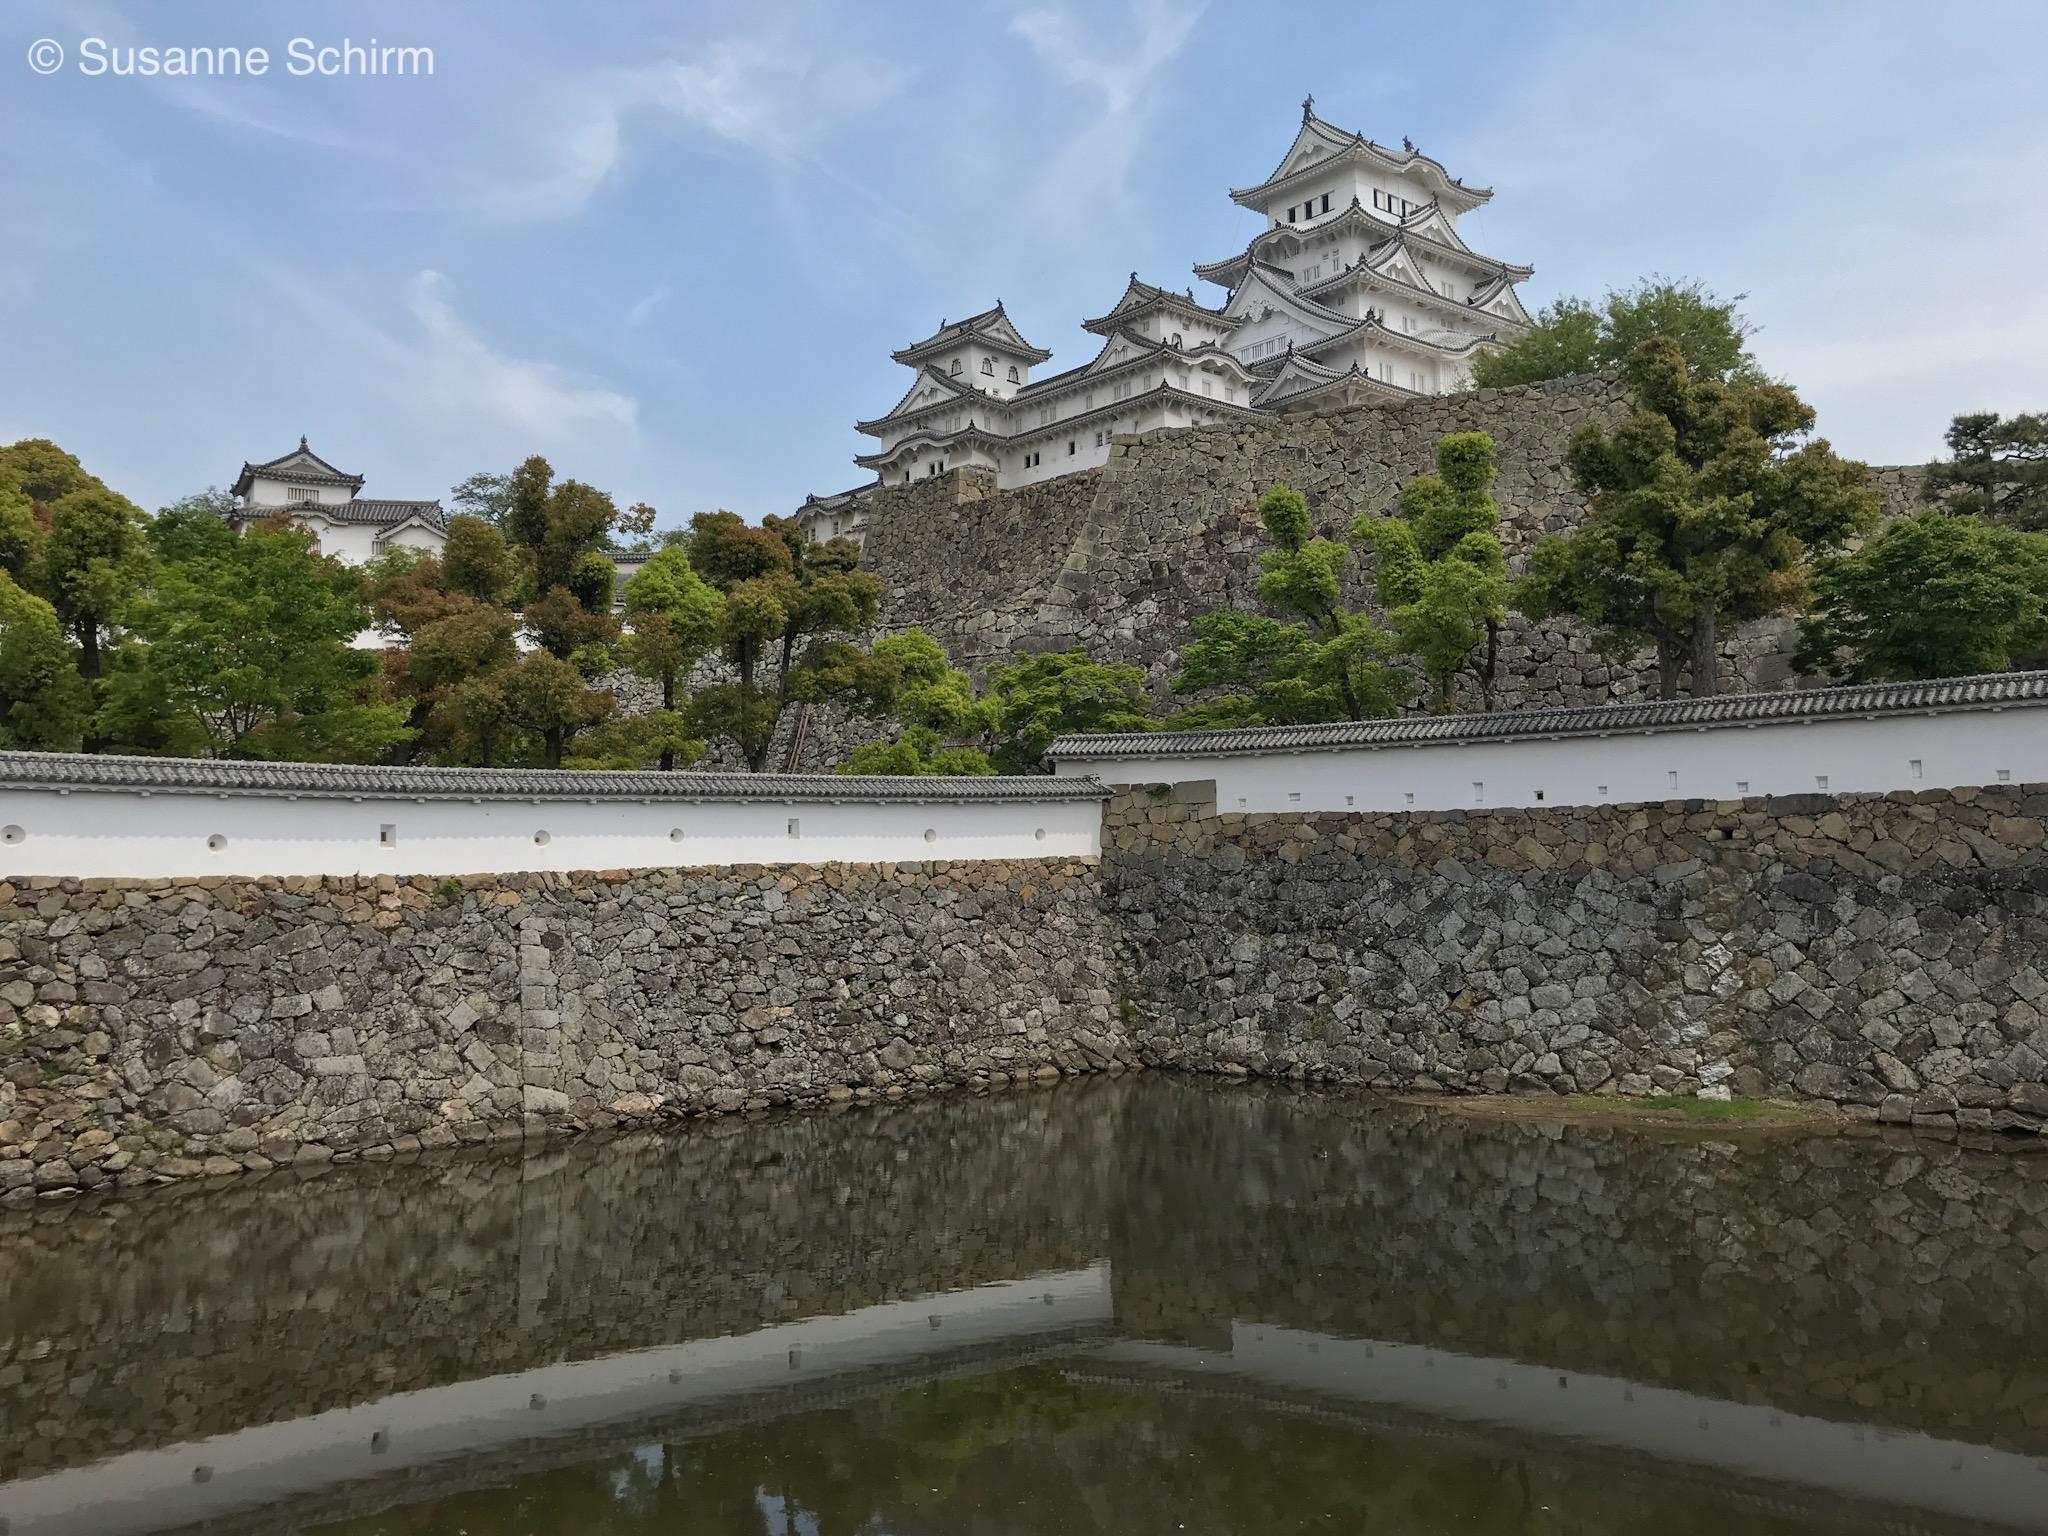 Bild von der Burg Himeji